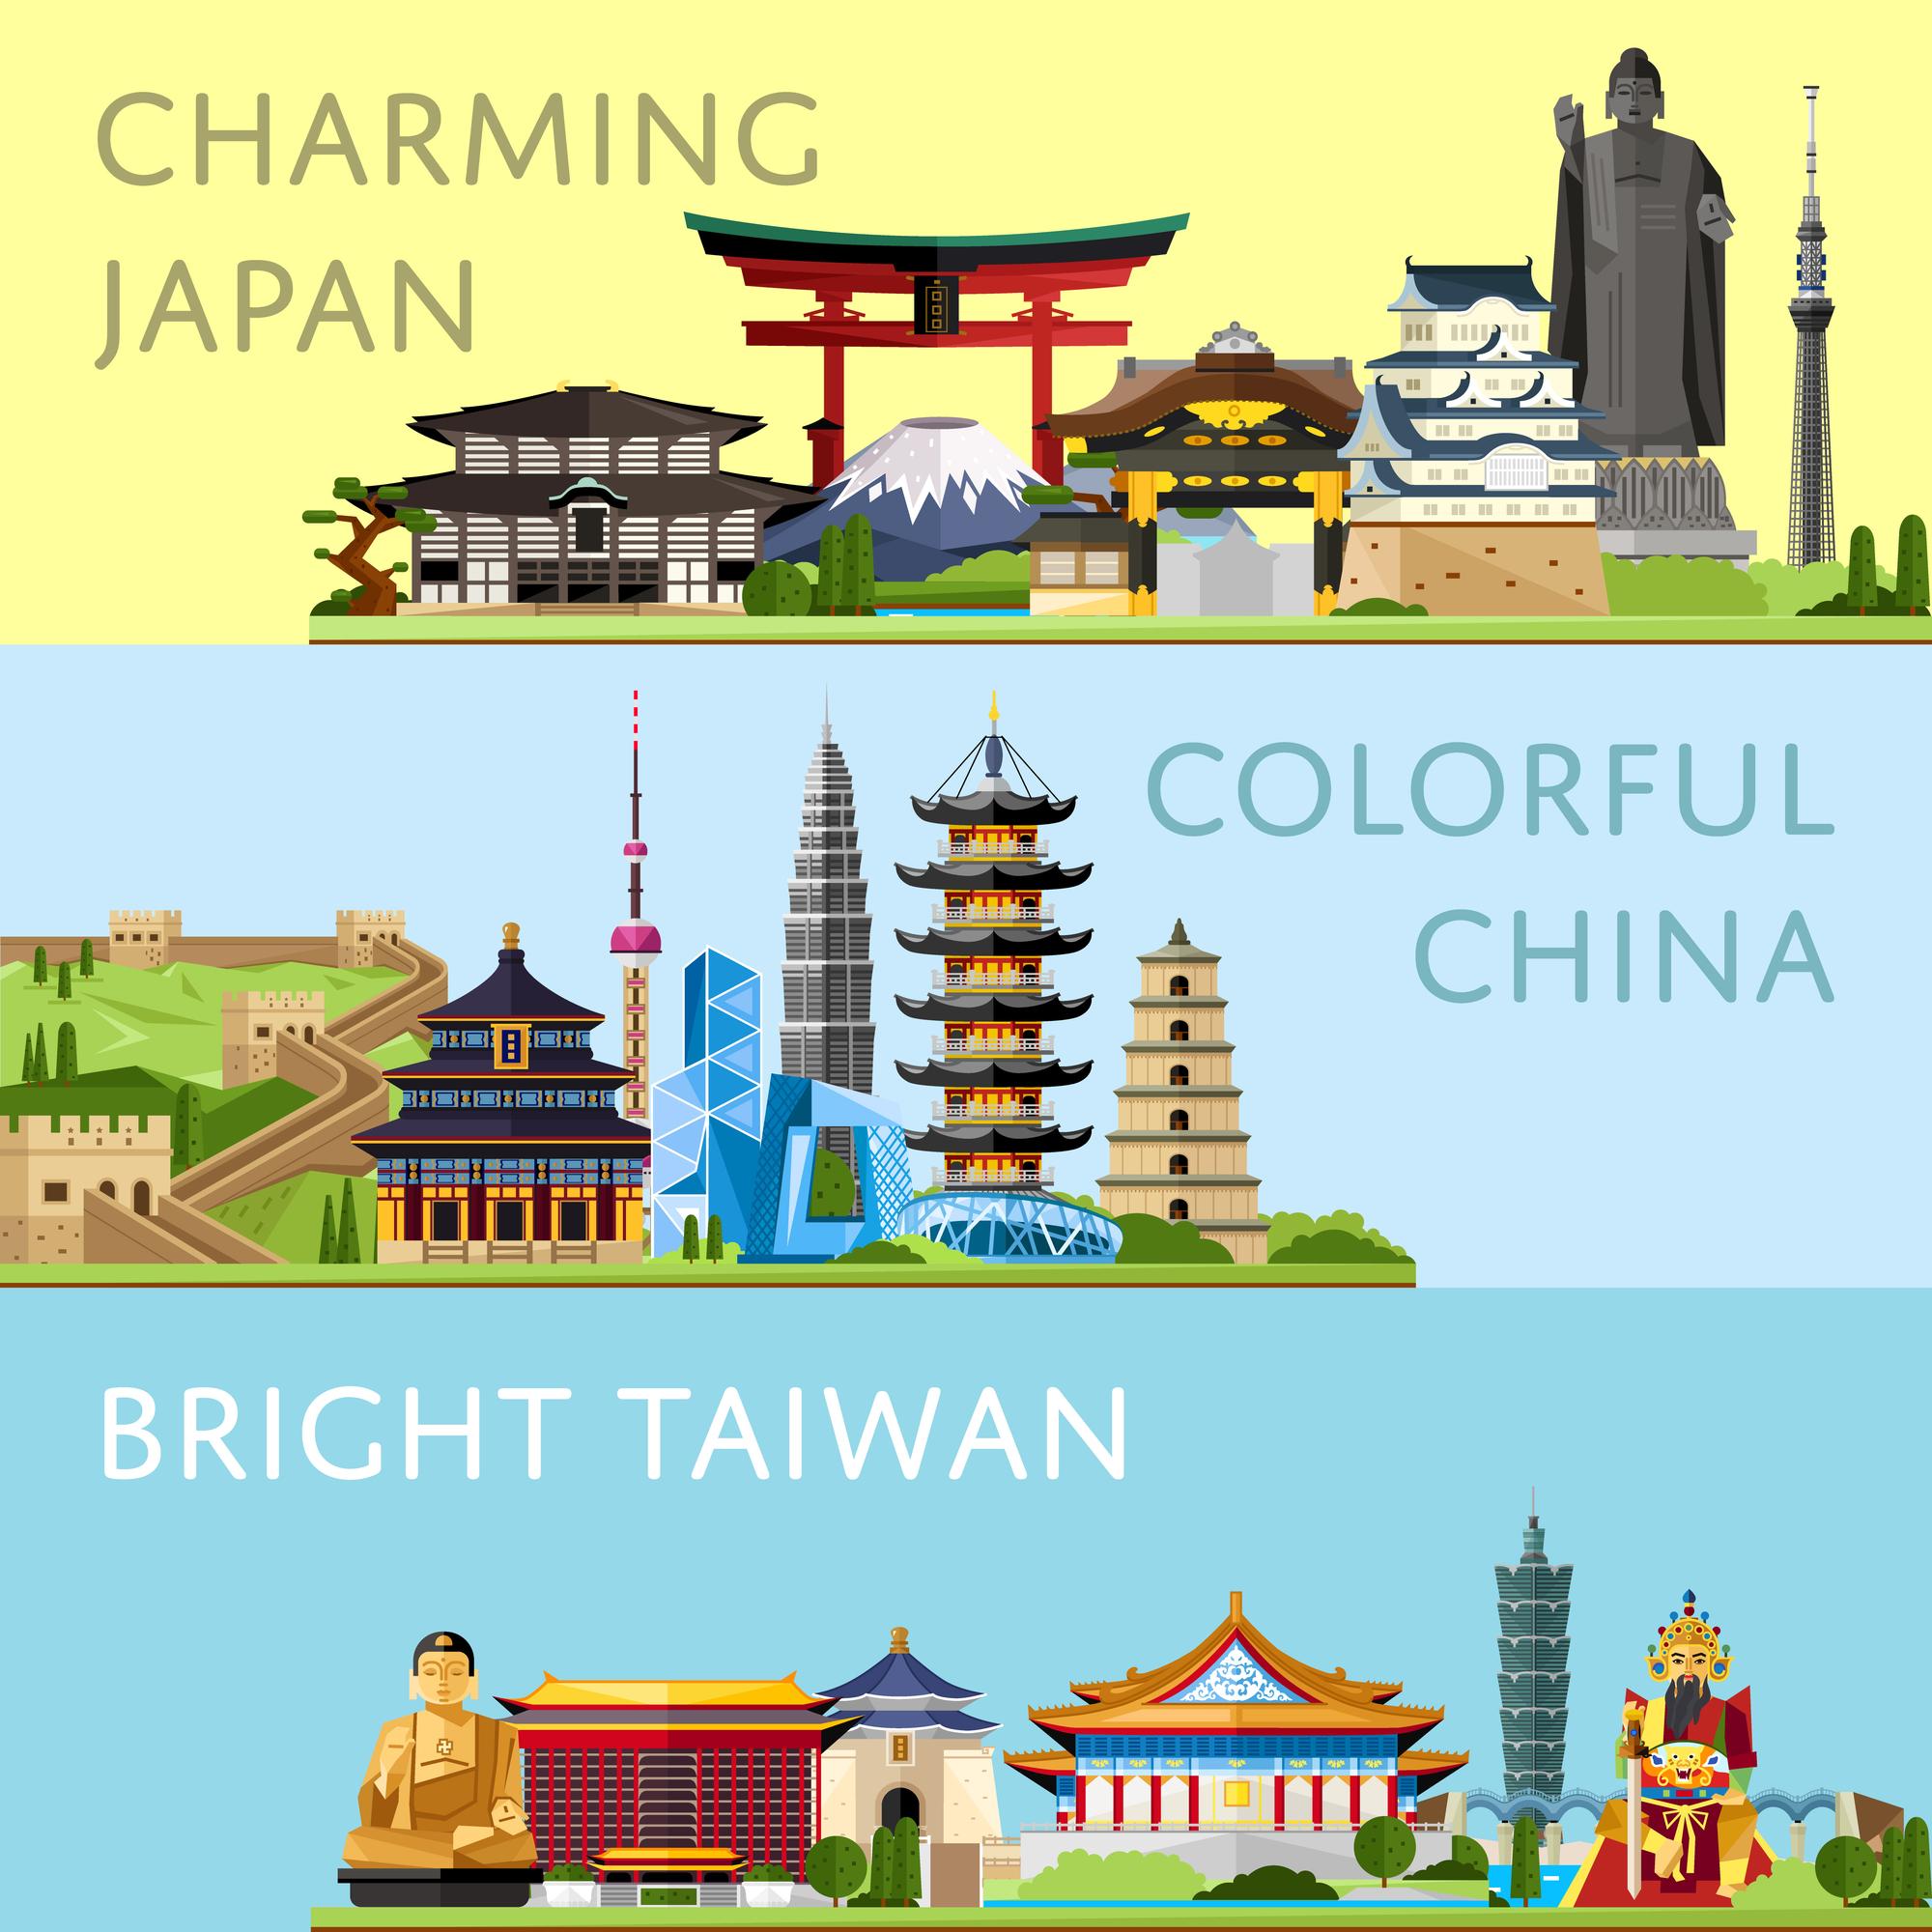 כרזת טיולים למזרח אסיה בימים טובים יותר. אילוסטרציה: depositphotos.com